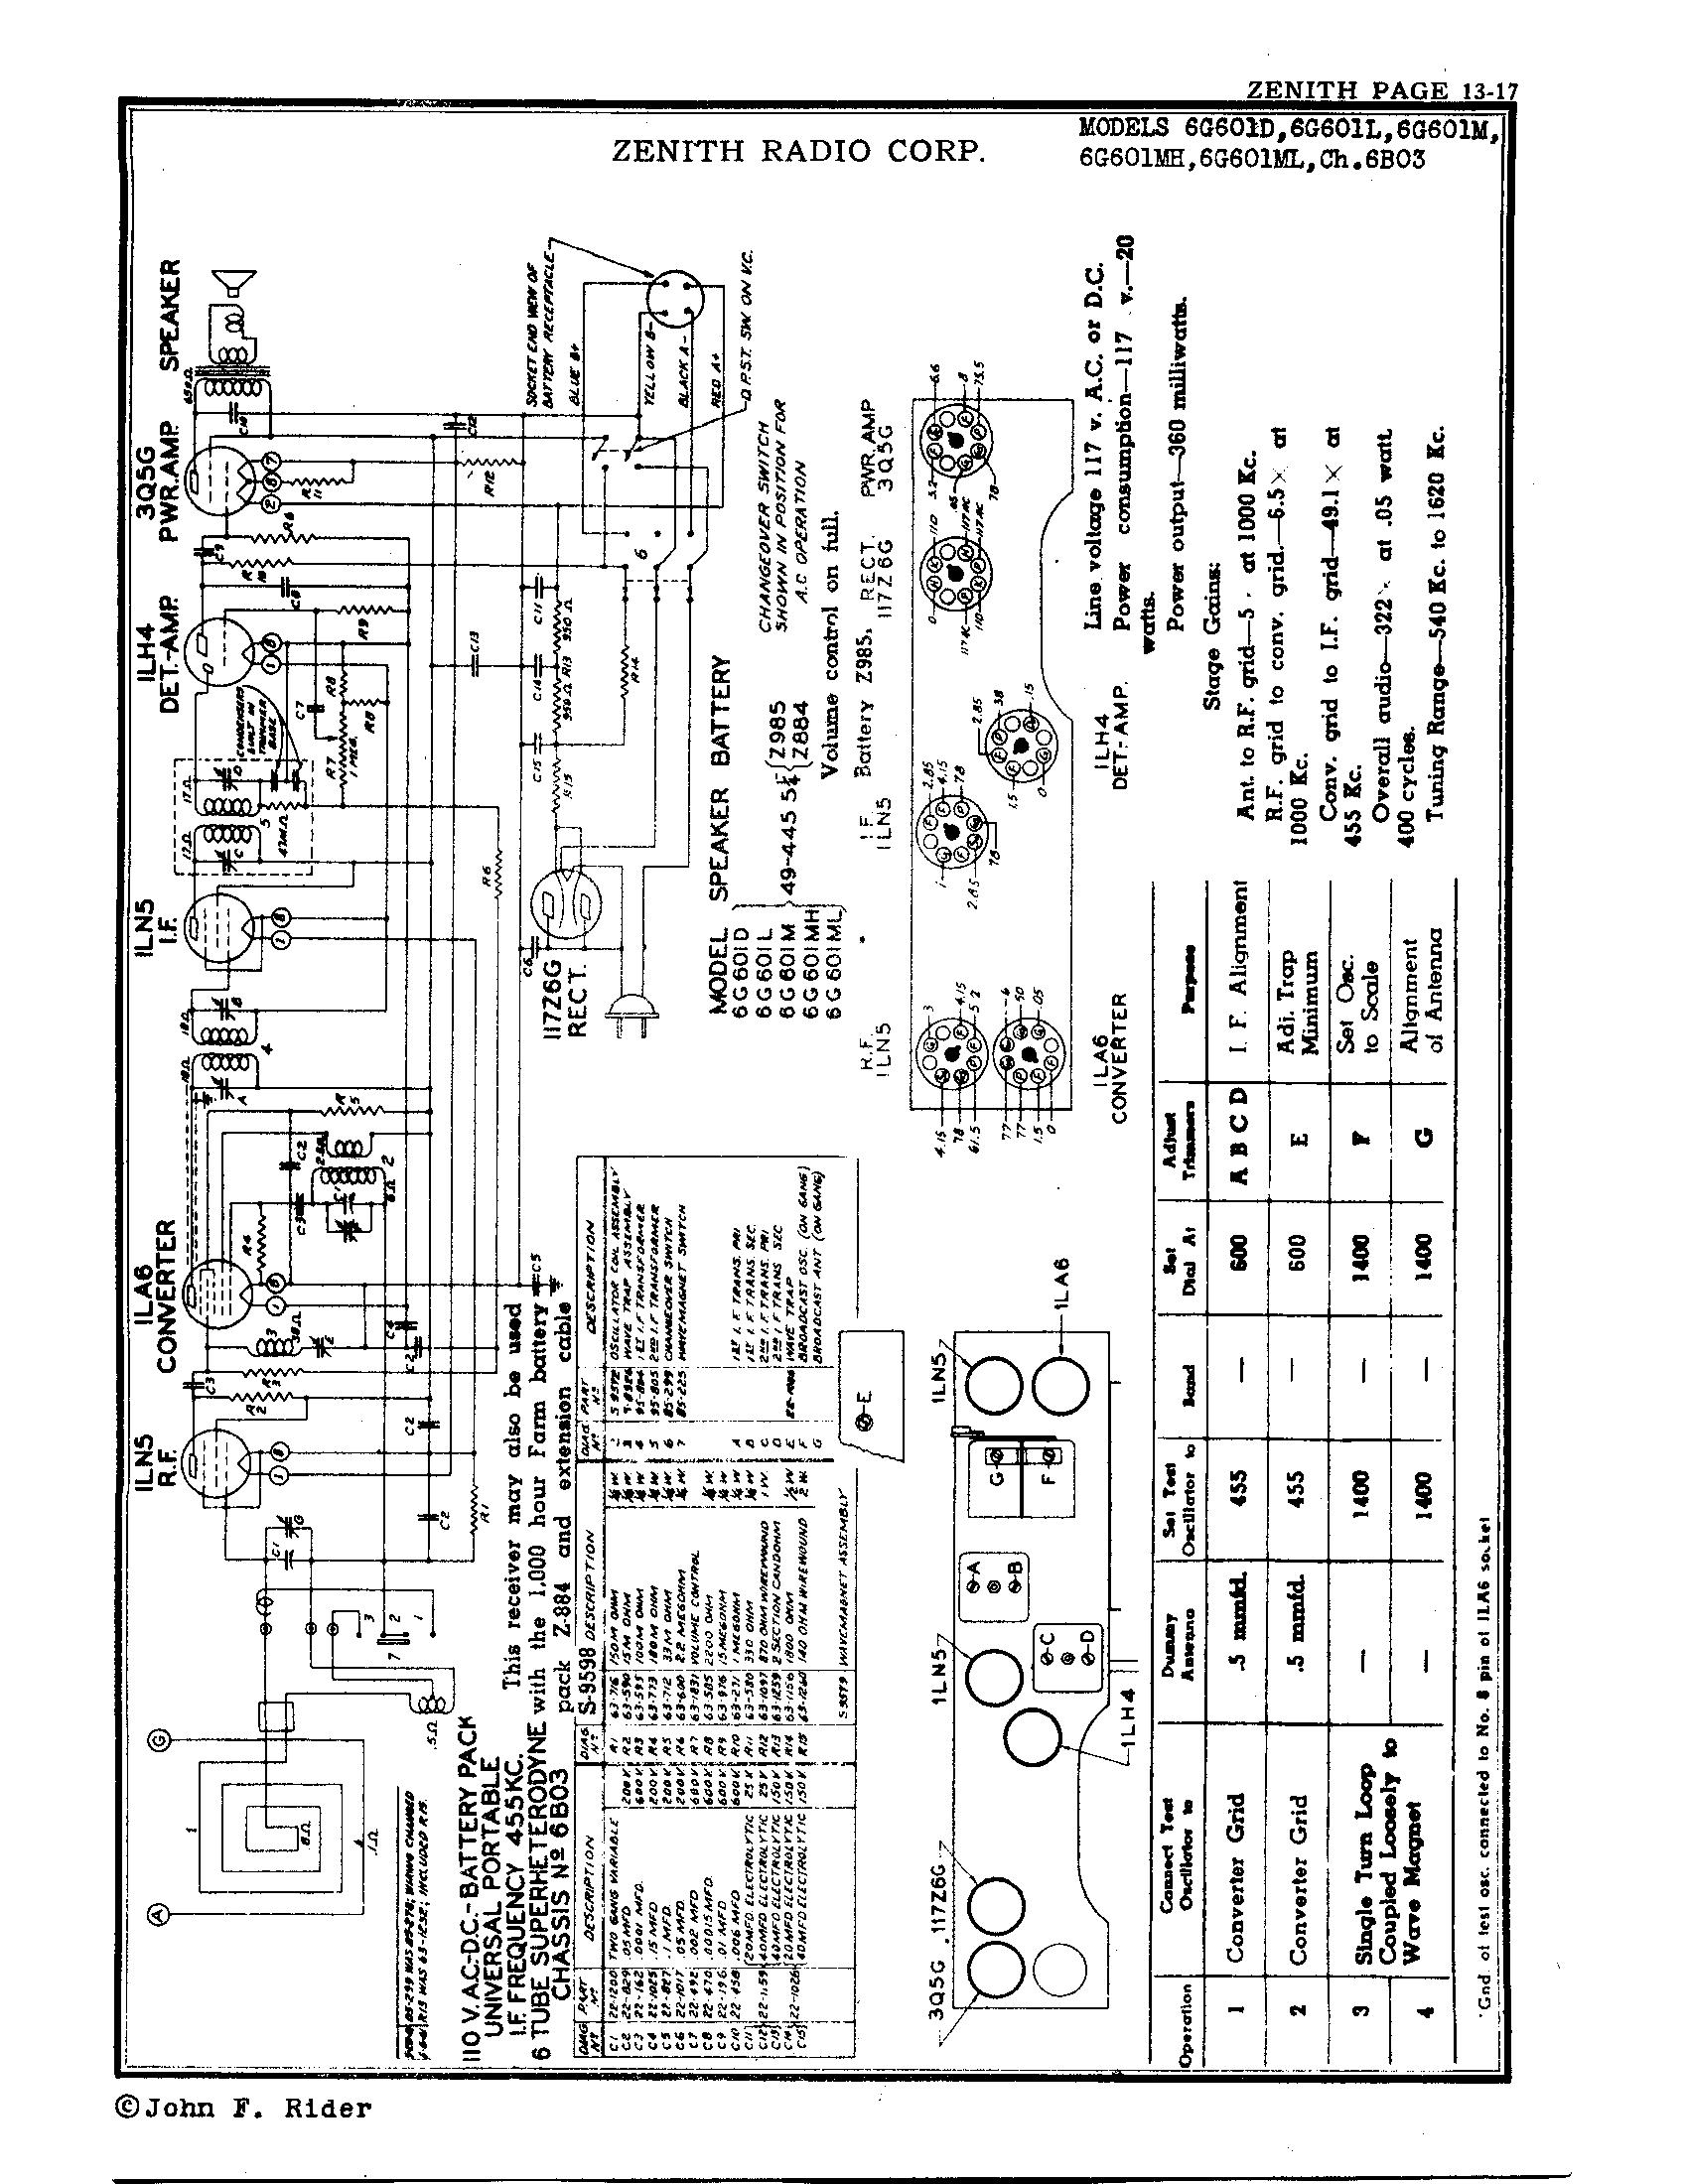 Zenith Schematics